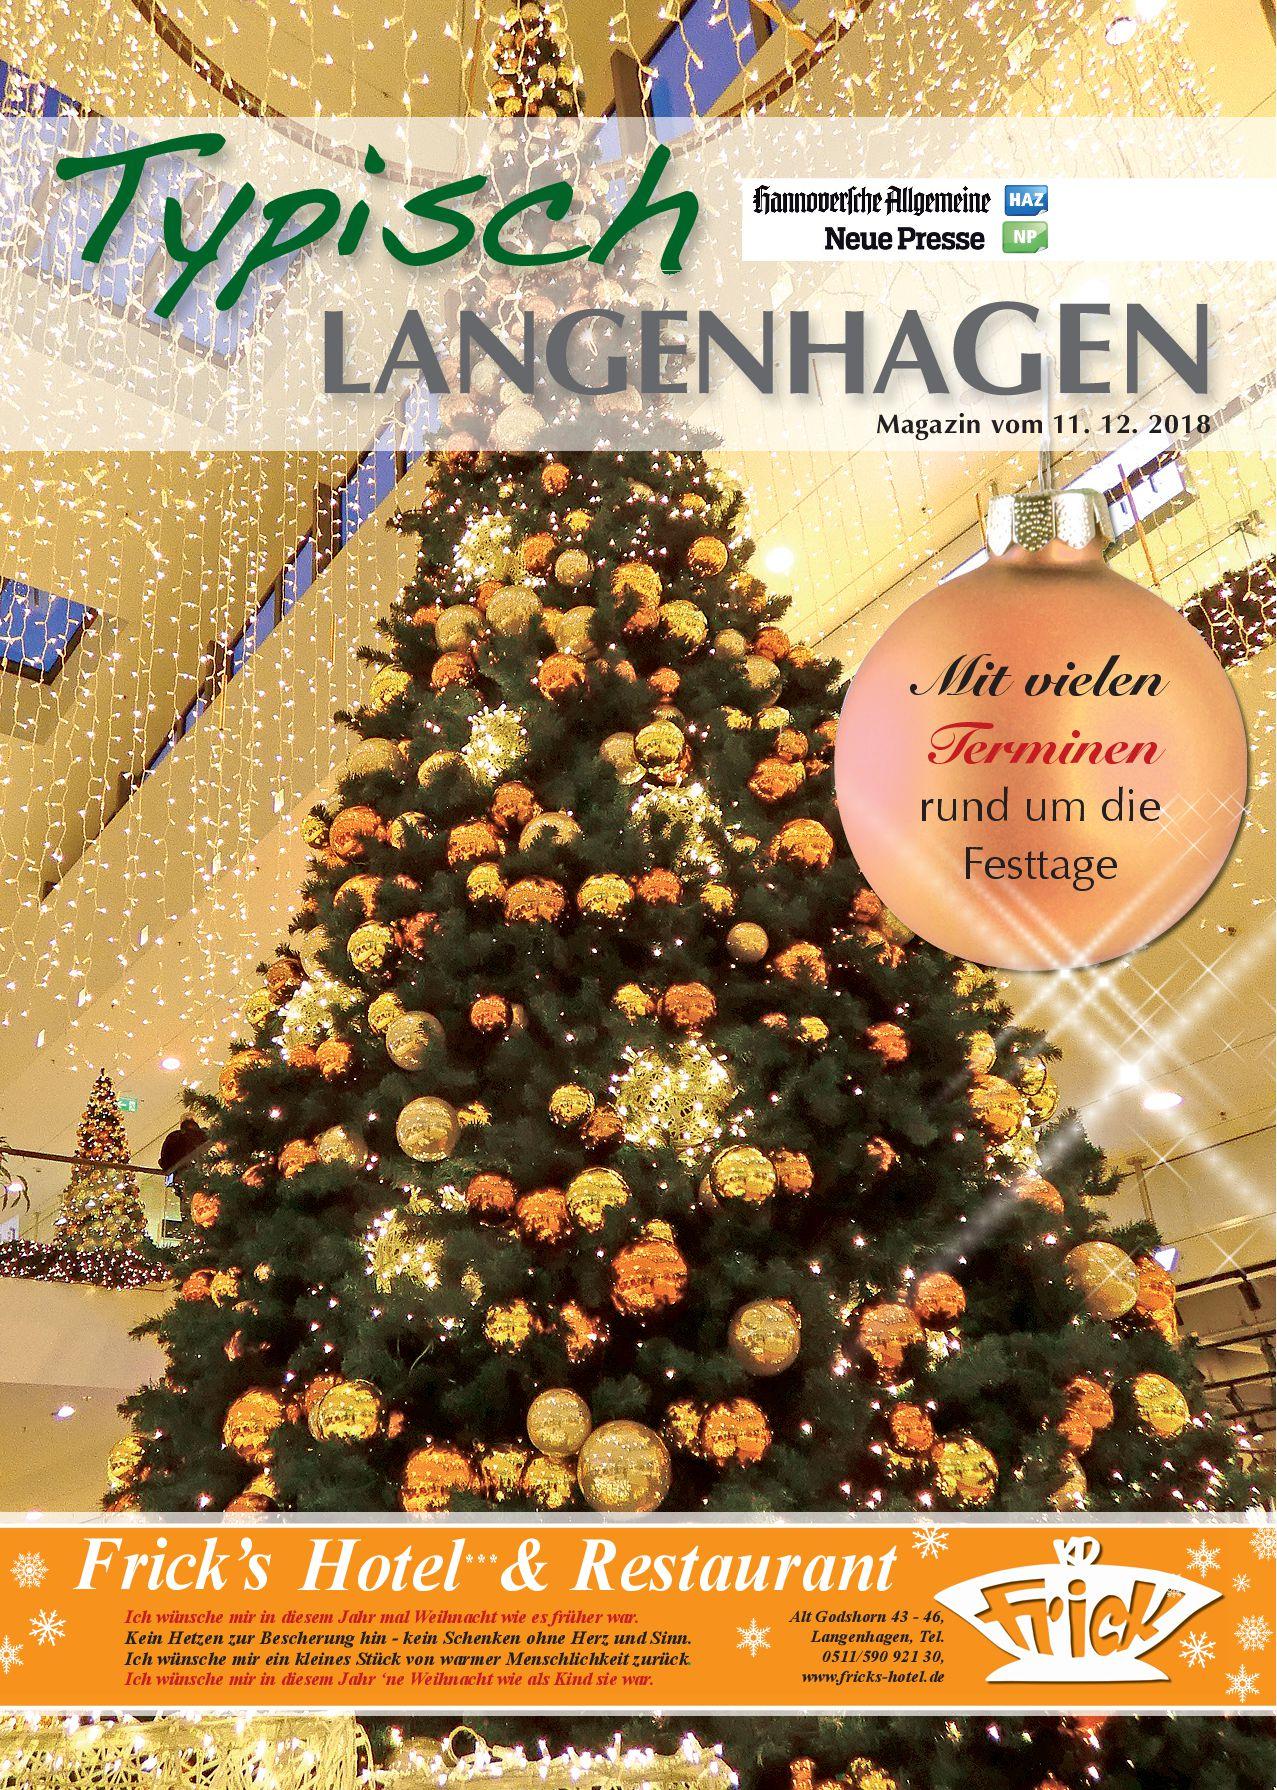 langenhagen-vom-11-12-2018